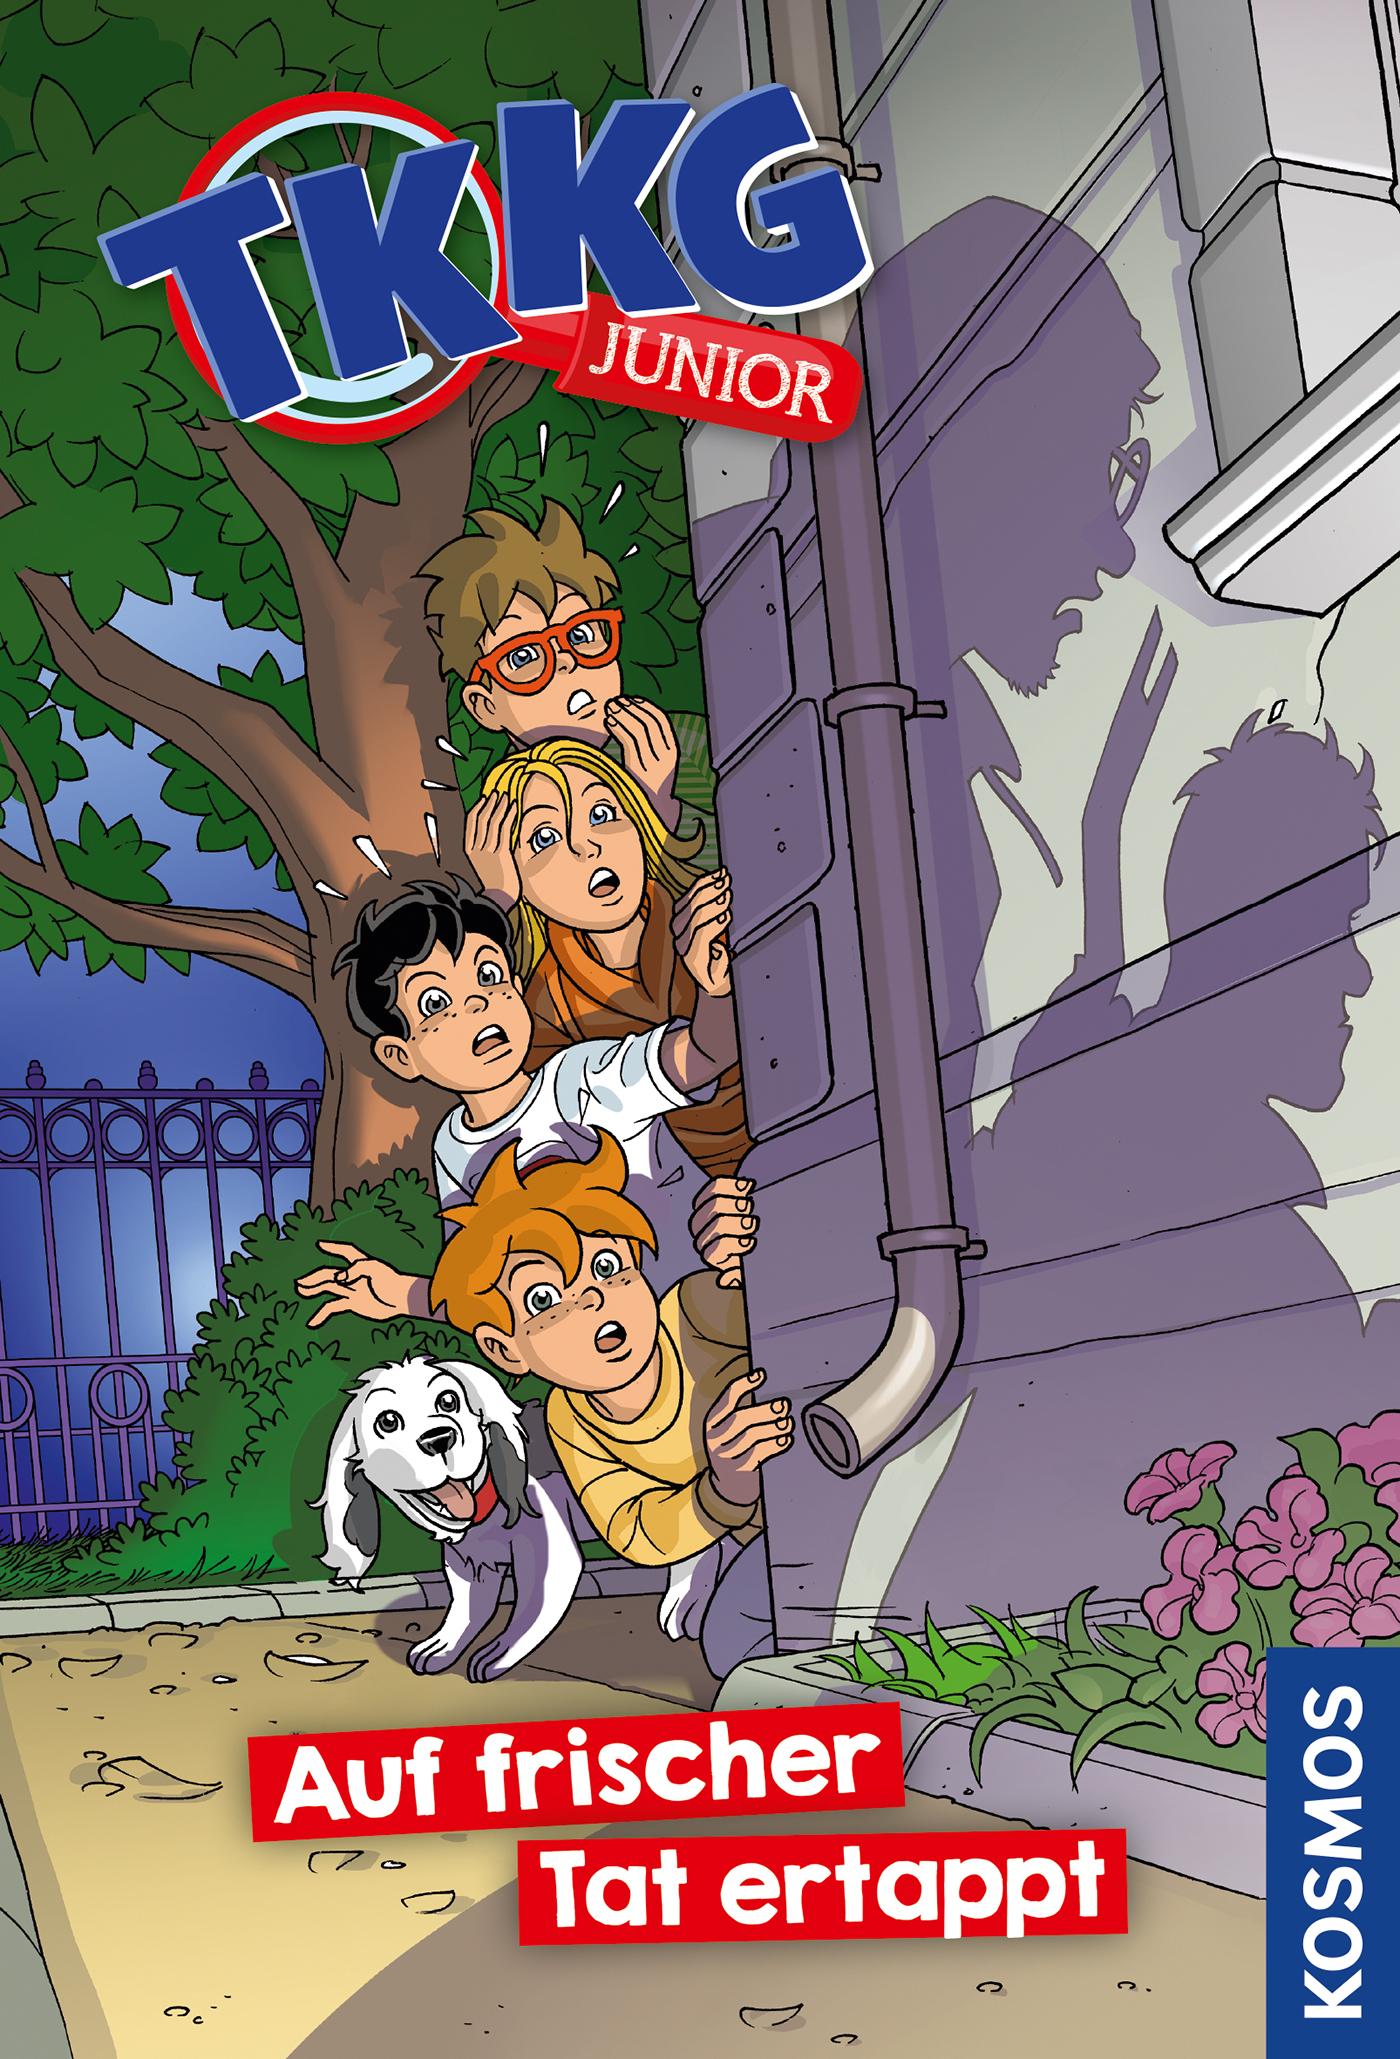 Cover Auf frischer Tat ertappt Reihe TKKG Junior Bd. 1